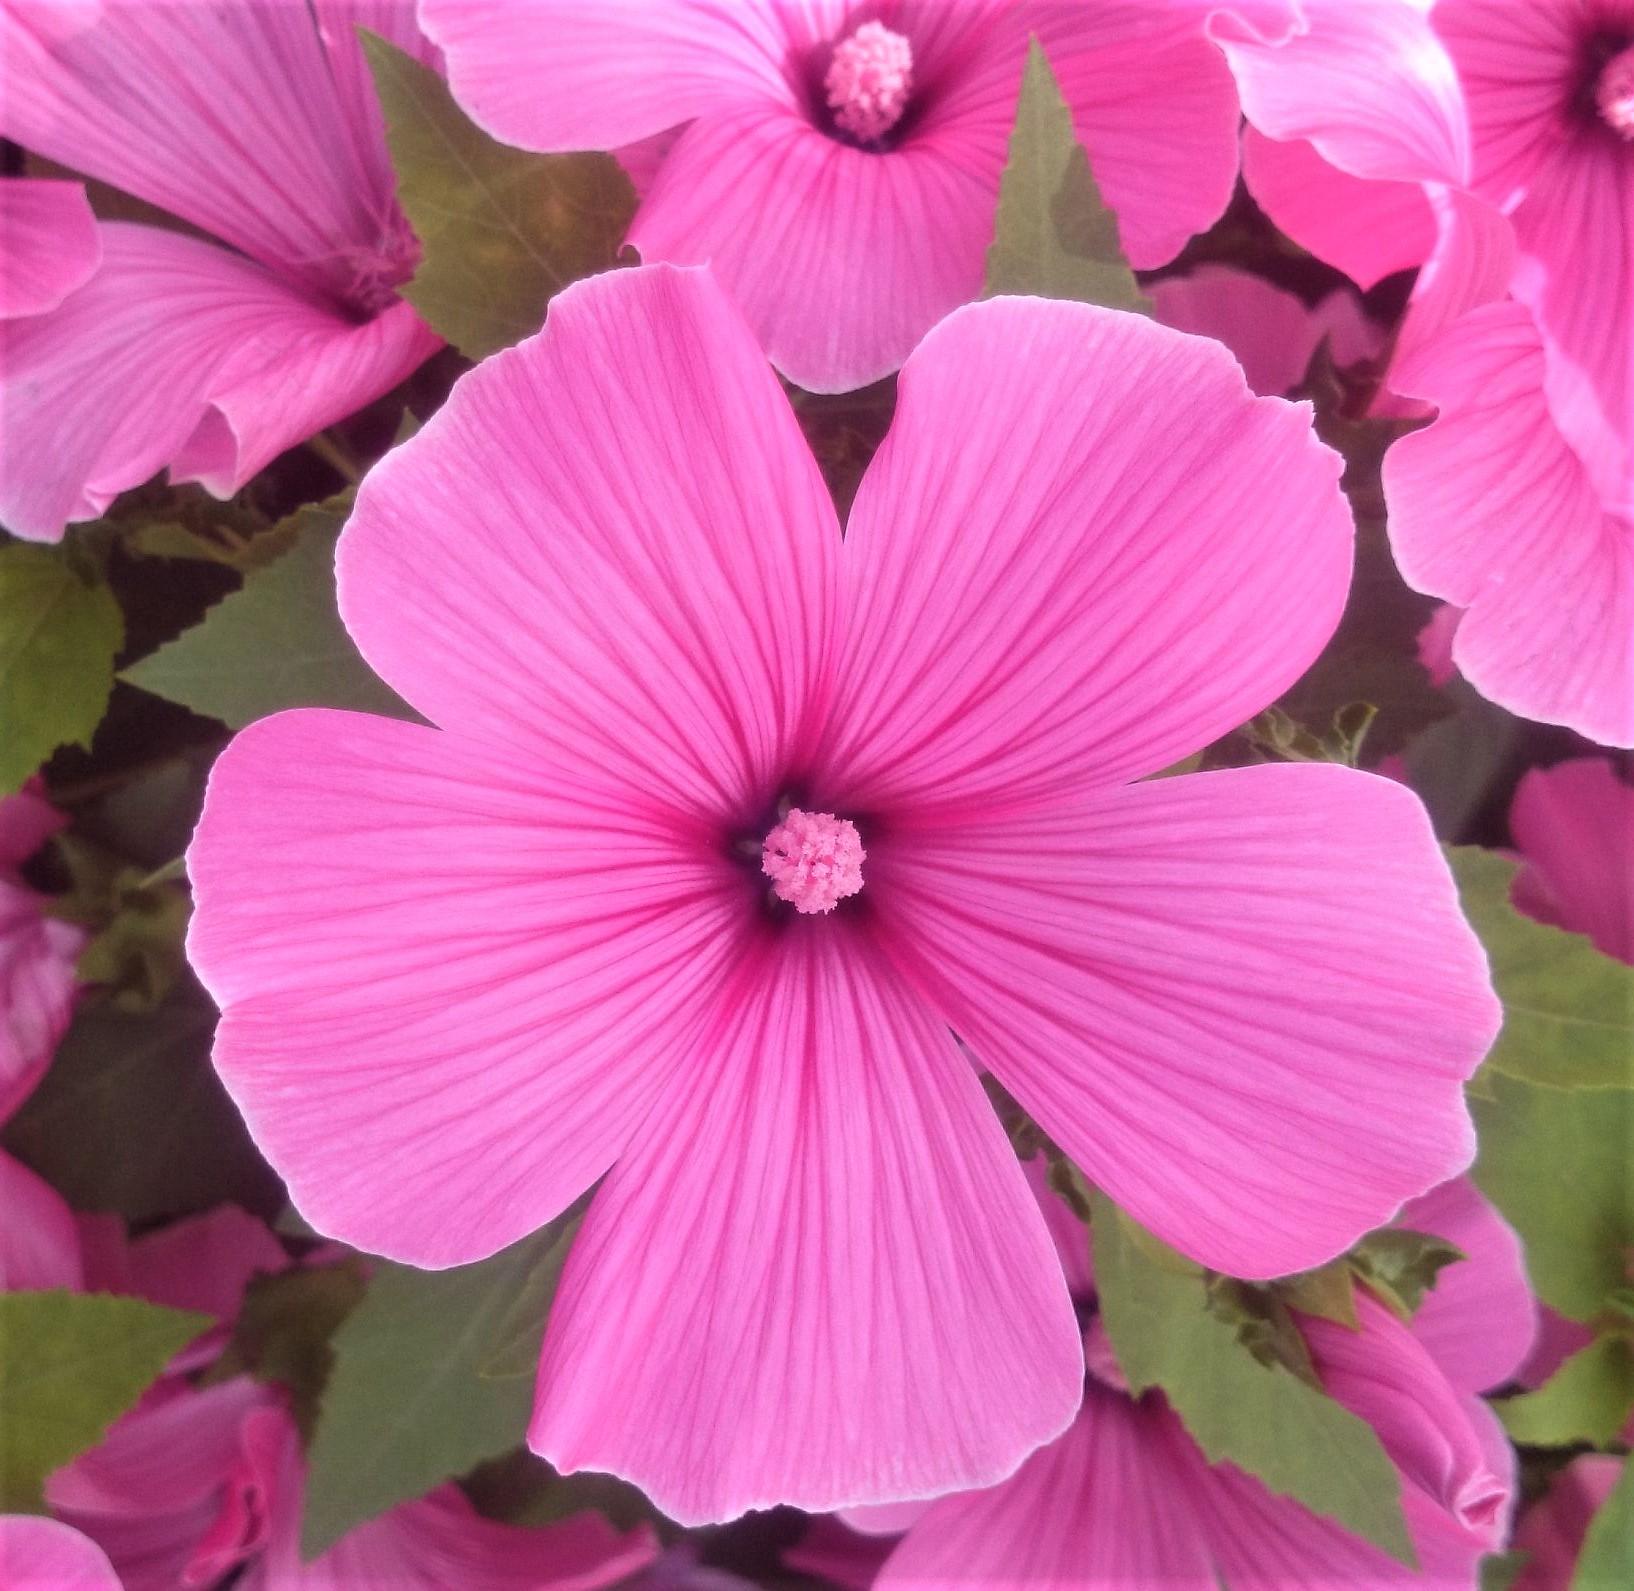 ガーデン用品屋さんの花図鑑 ラバテラ